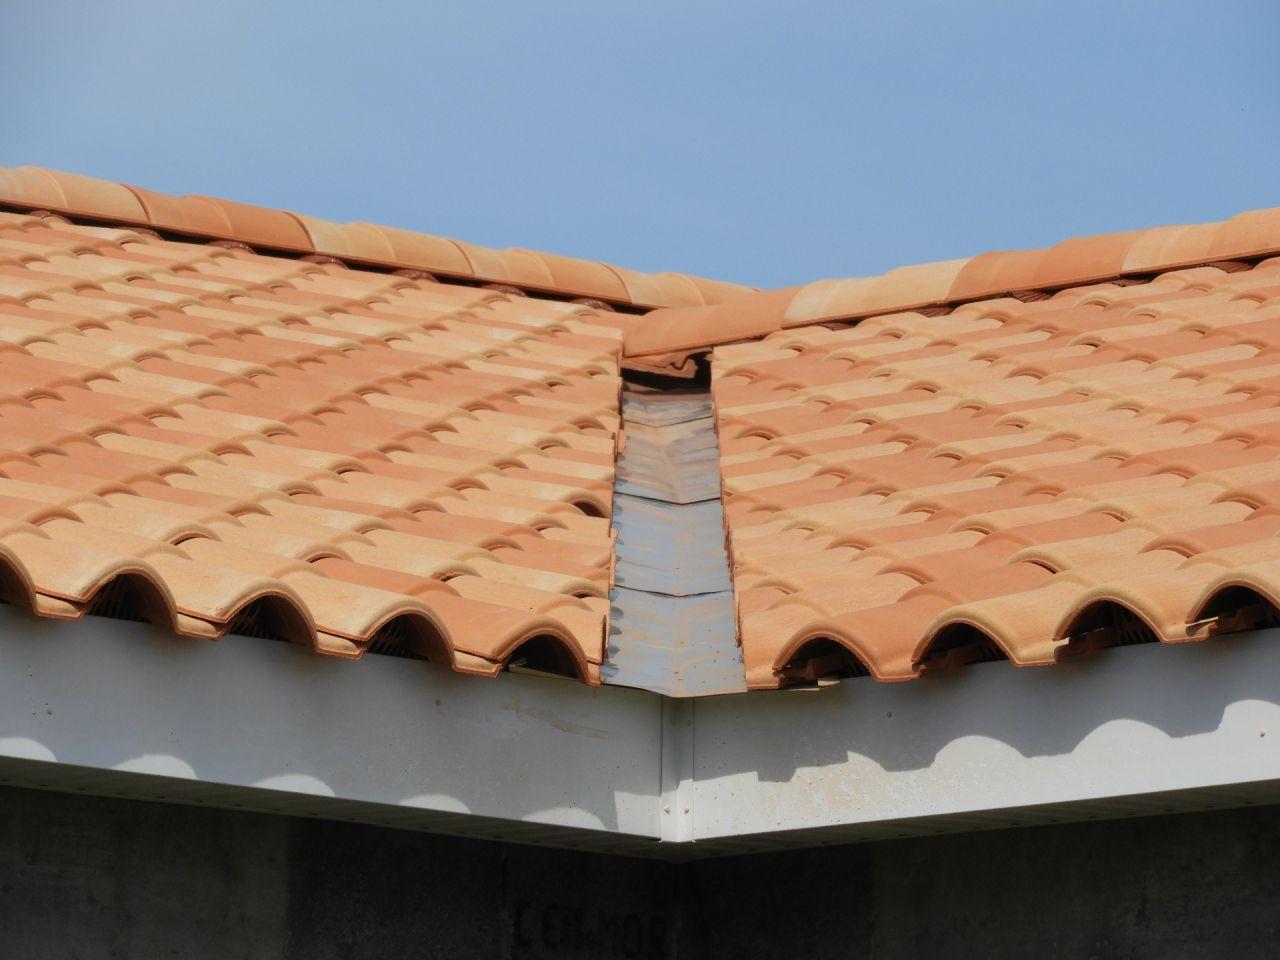 Une noue, on remarque aussi qu'ils ont dégueulassé toutes les planches de rive PVC avec leur échelle.